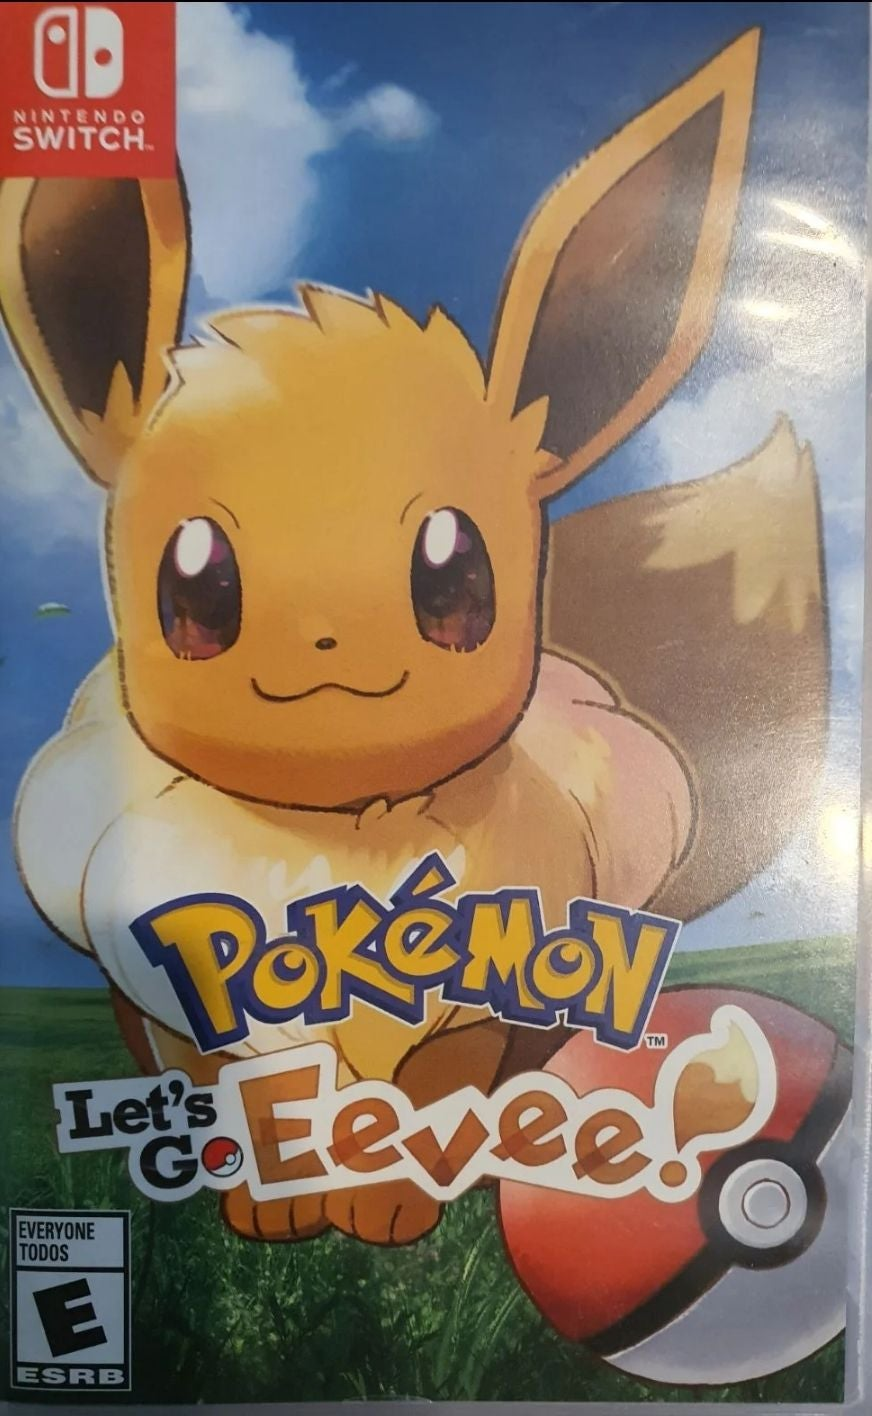 Pokémon: Let's Go, Eevee! on Nintendo Sw